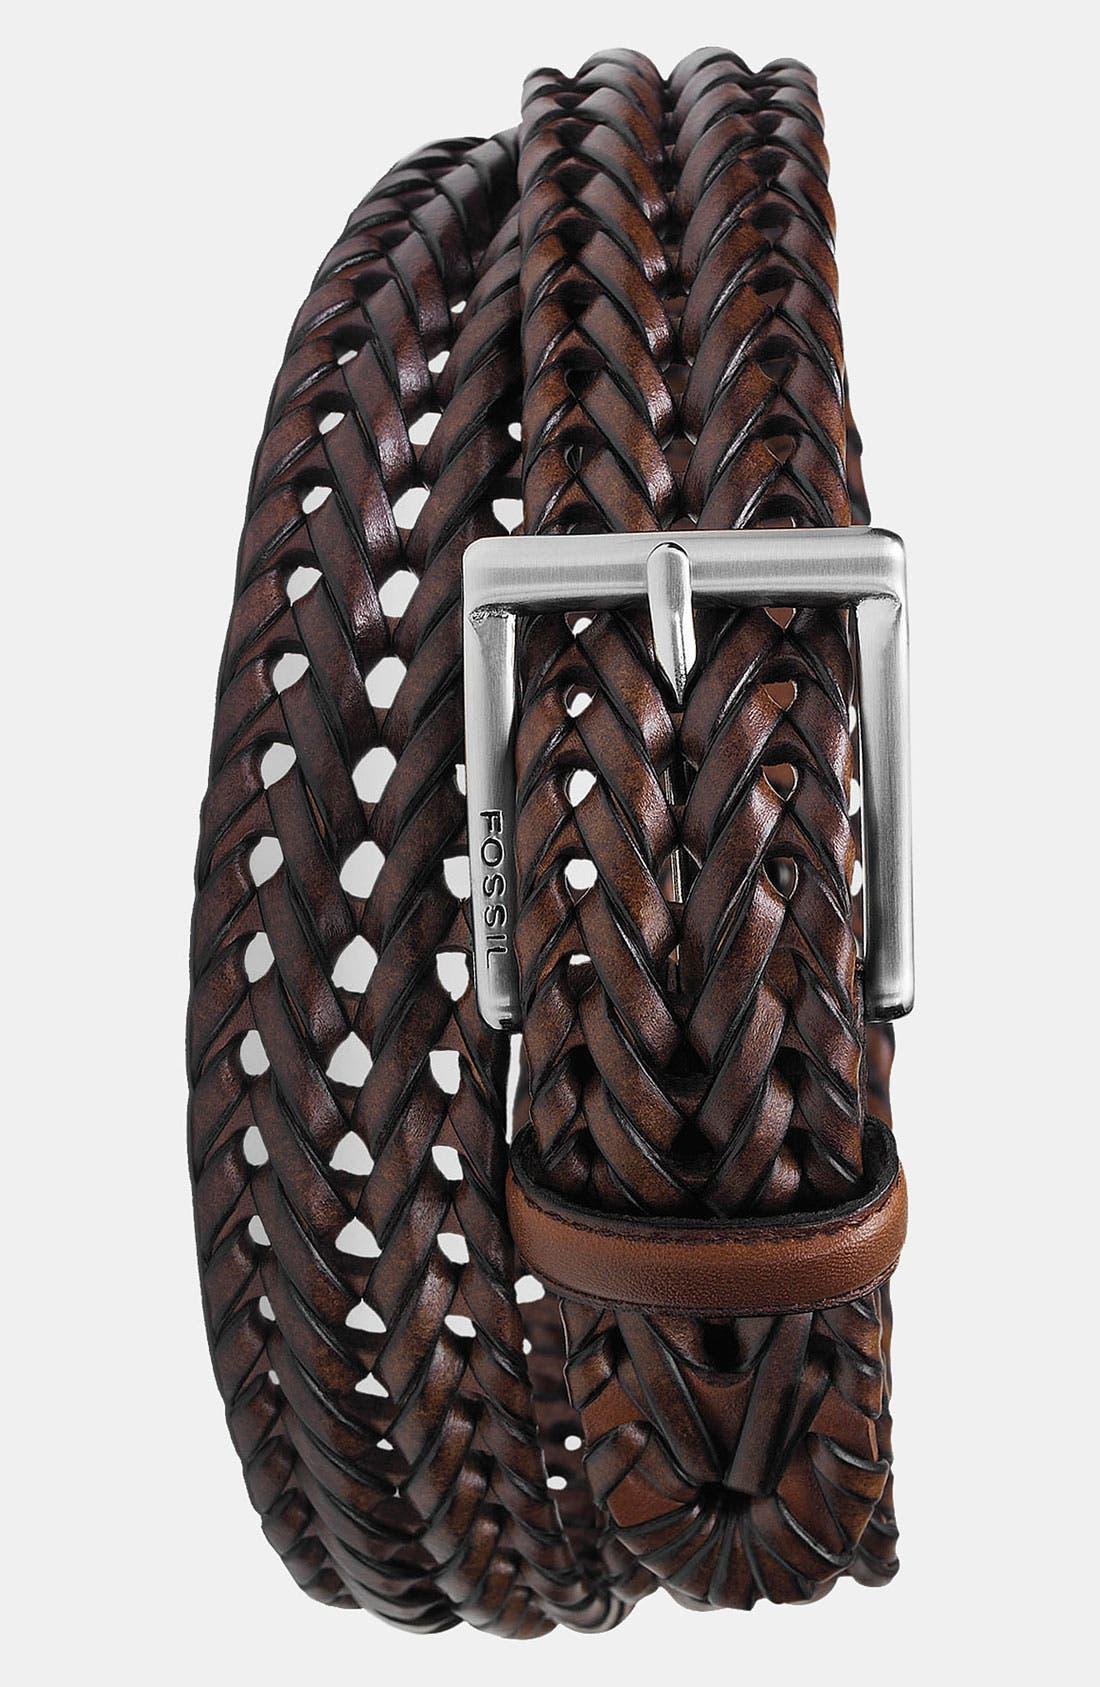 FOSSIL 'Myles' Belt, Main, color, COGNAC